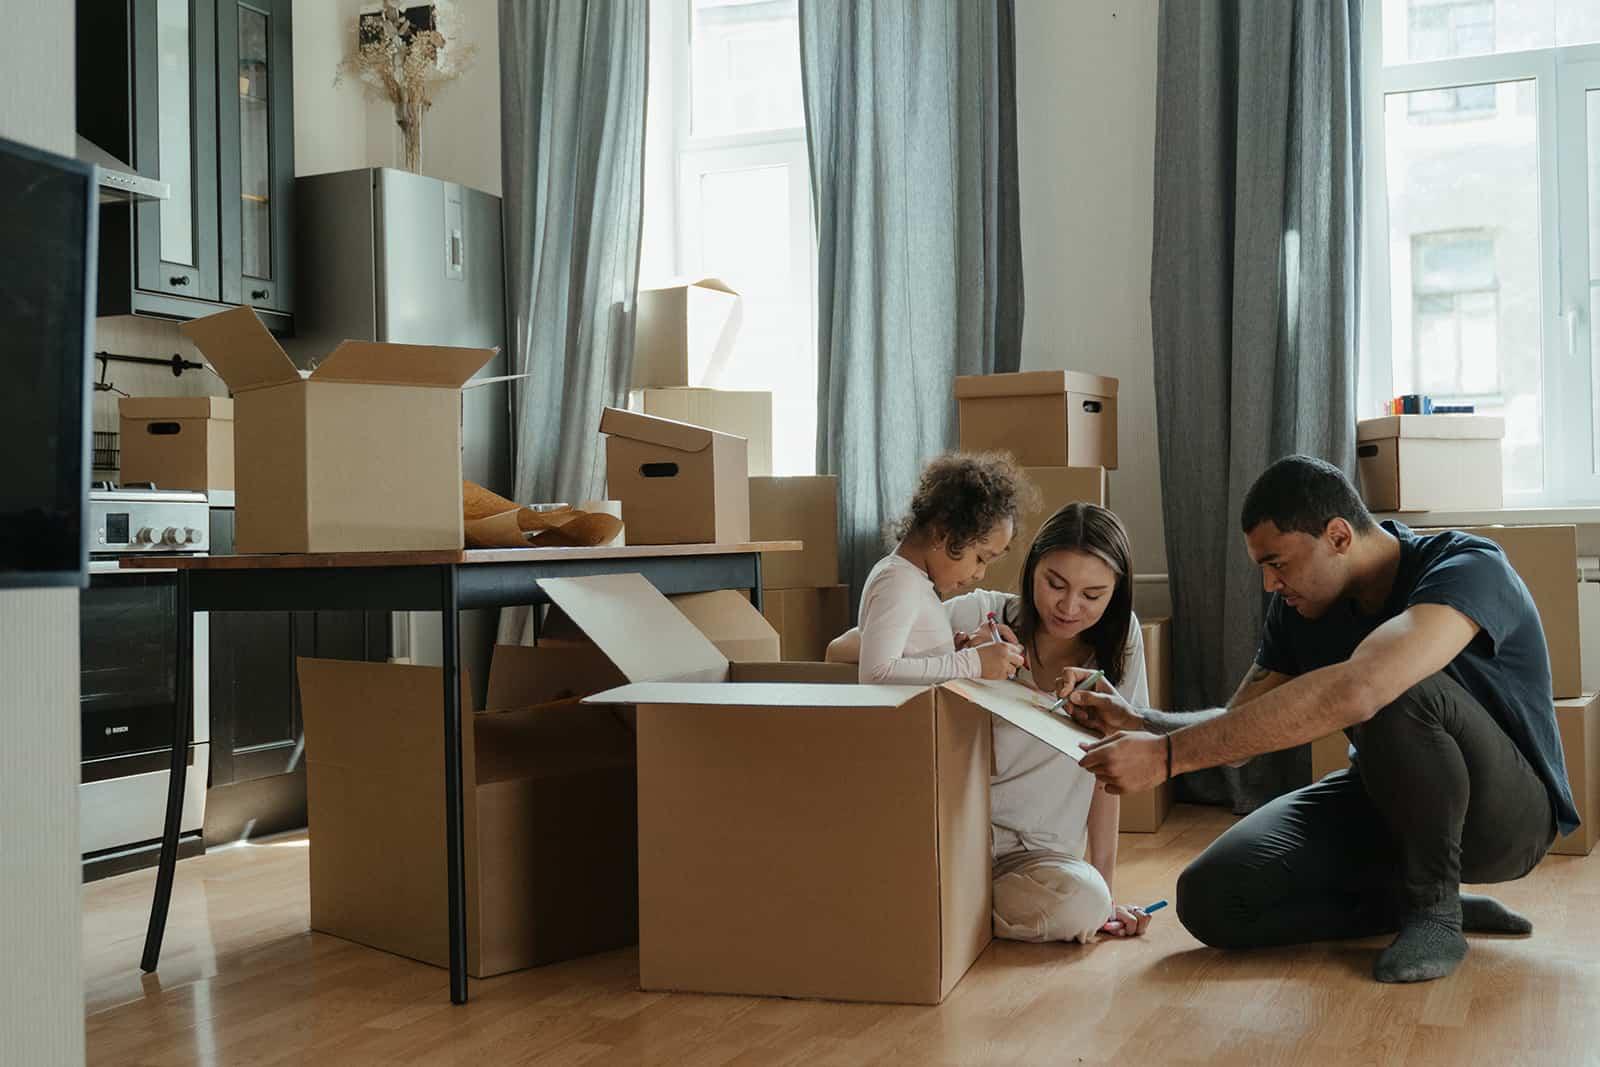 Eine Familie packt Kisten aus, nachdem sie in eine neue Wohnung gezogen ist